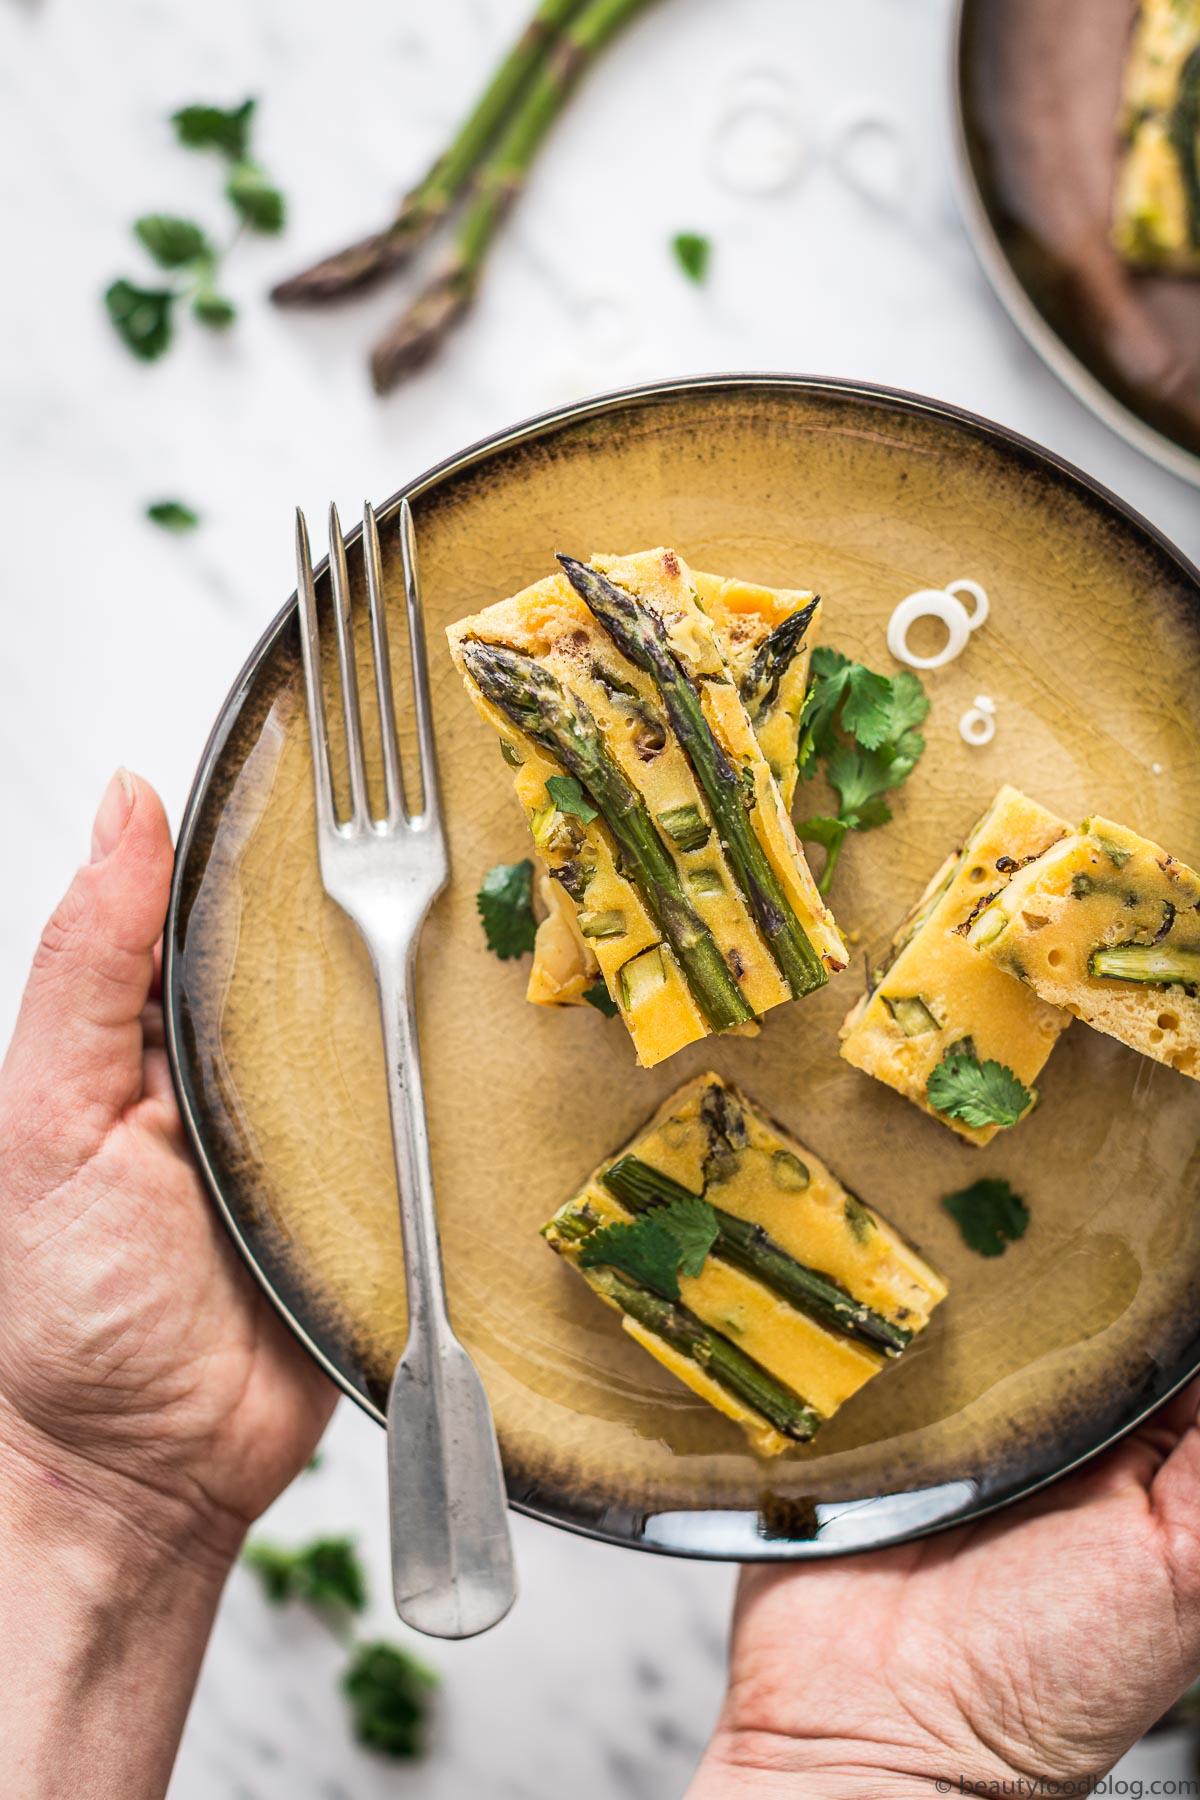 mani con piatto con fari frittata di ceci e asparagi plate with vegan Chickpea asparagus frittata